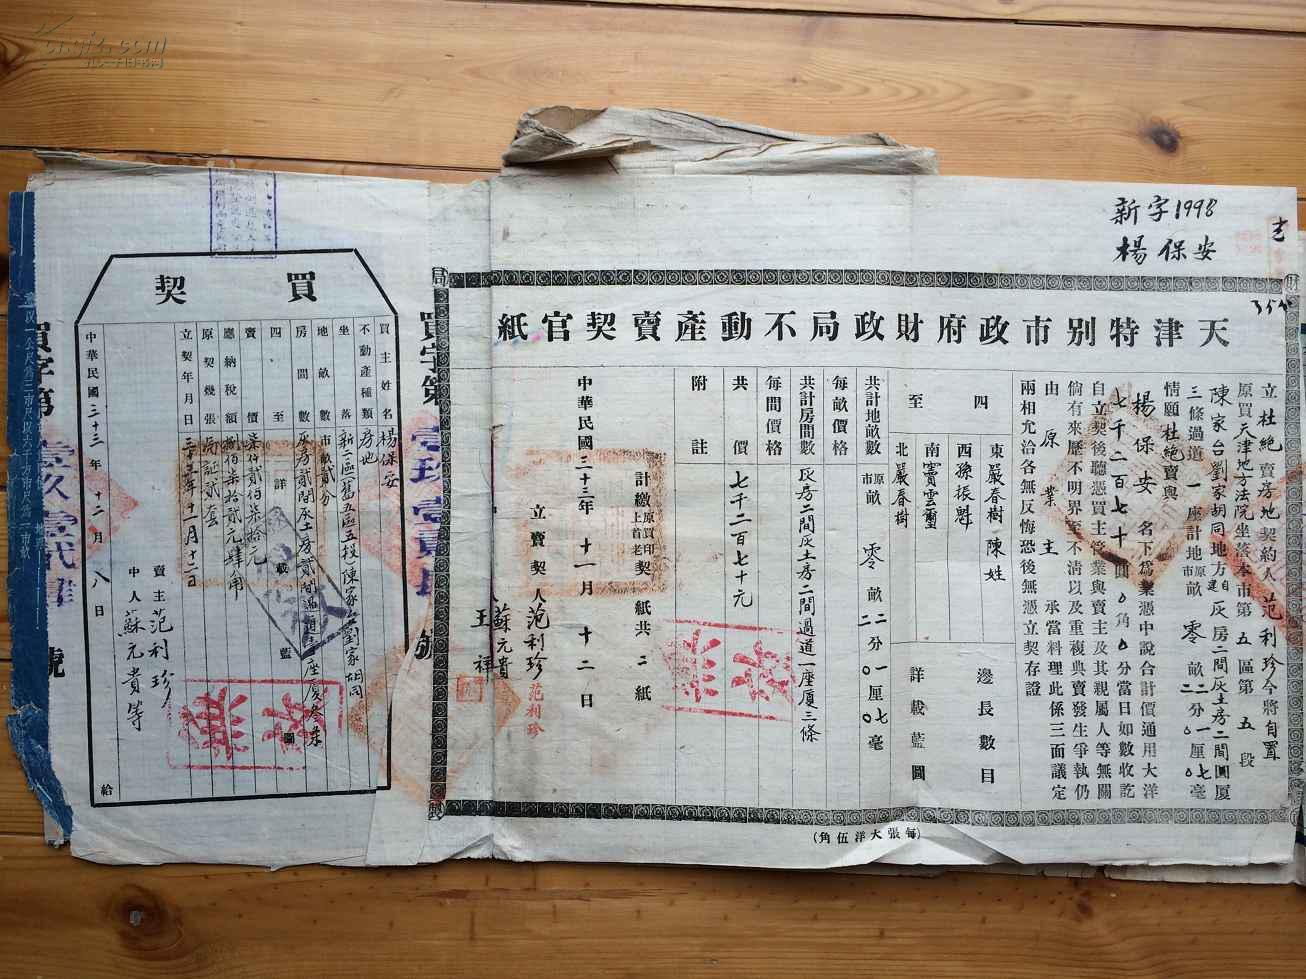 不动产登记证书 两套 孔夫子旧书网